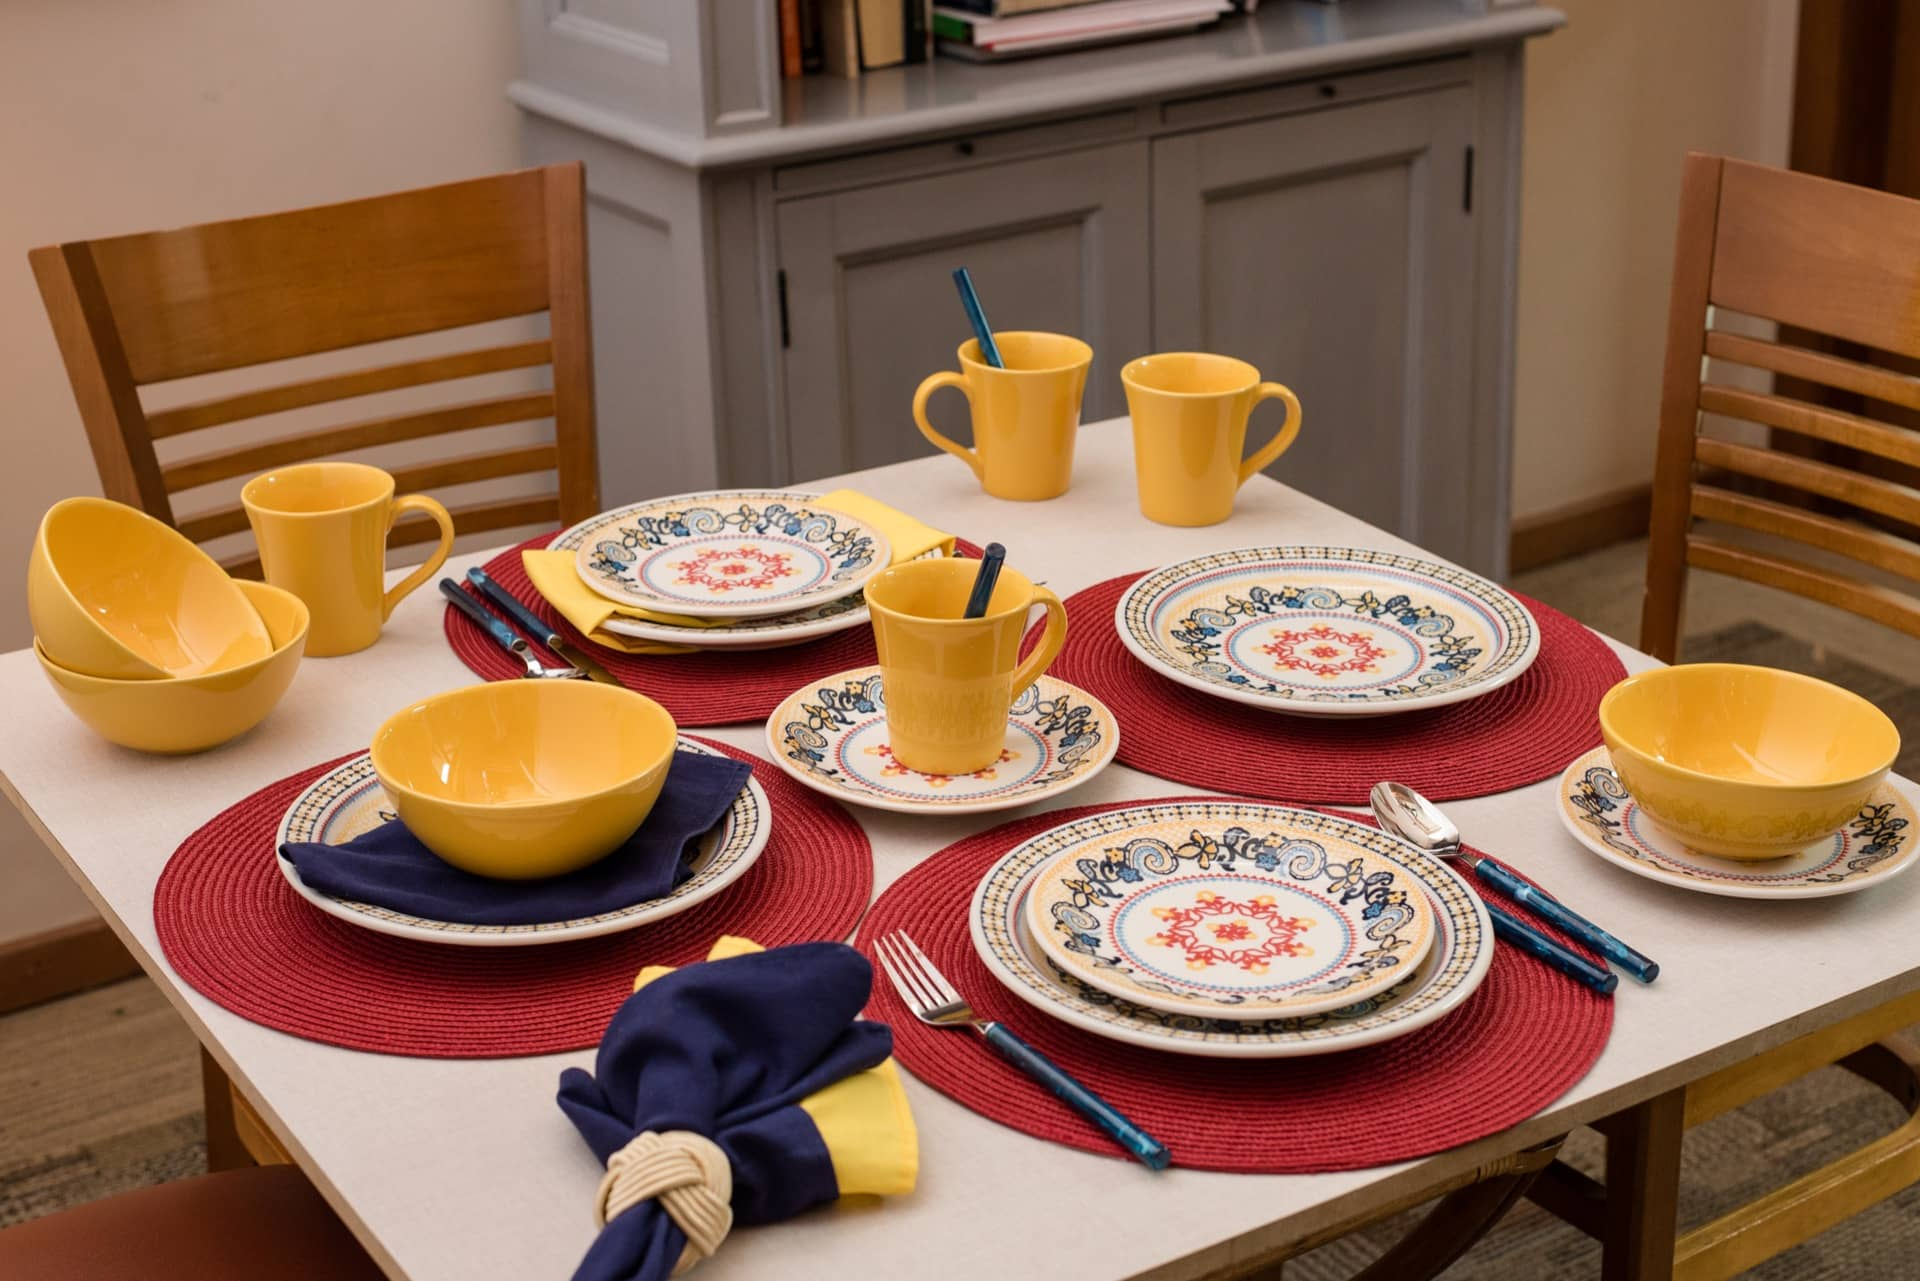 Imagem: Cores vibrantes e desenhos que lembram bordados valorizam a linha Floreal La Pollera, da Oxford, Foto: Karla Rudnick